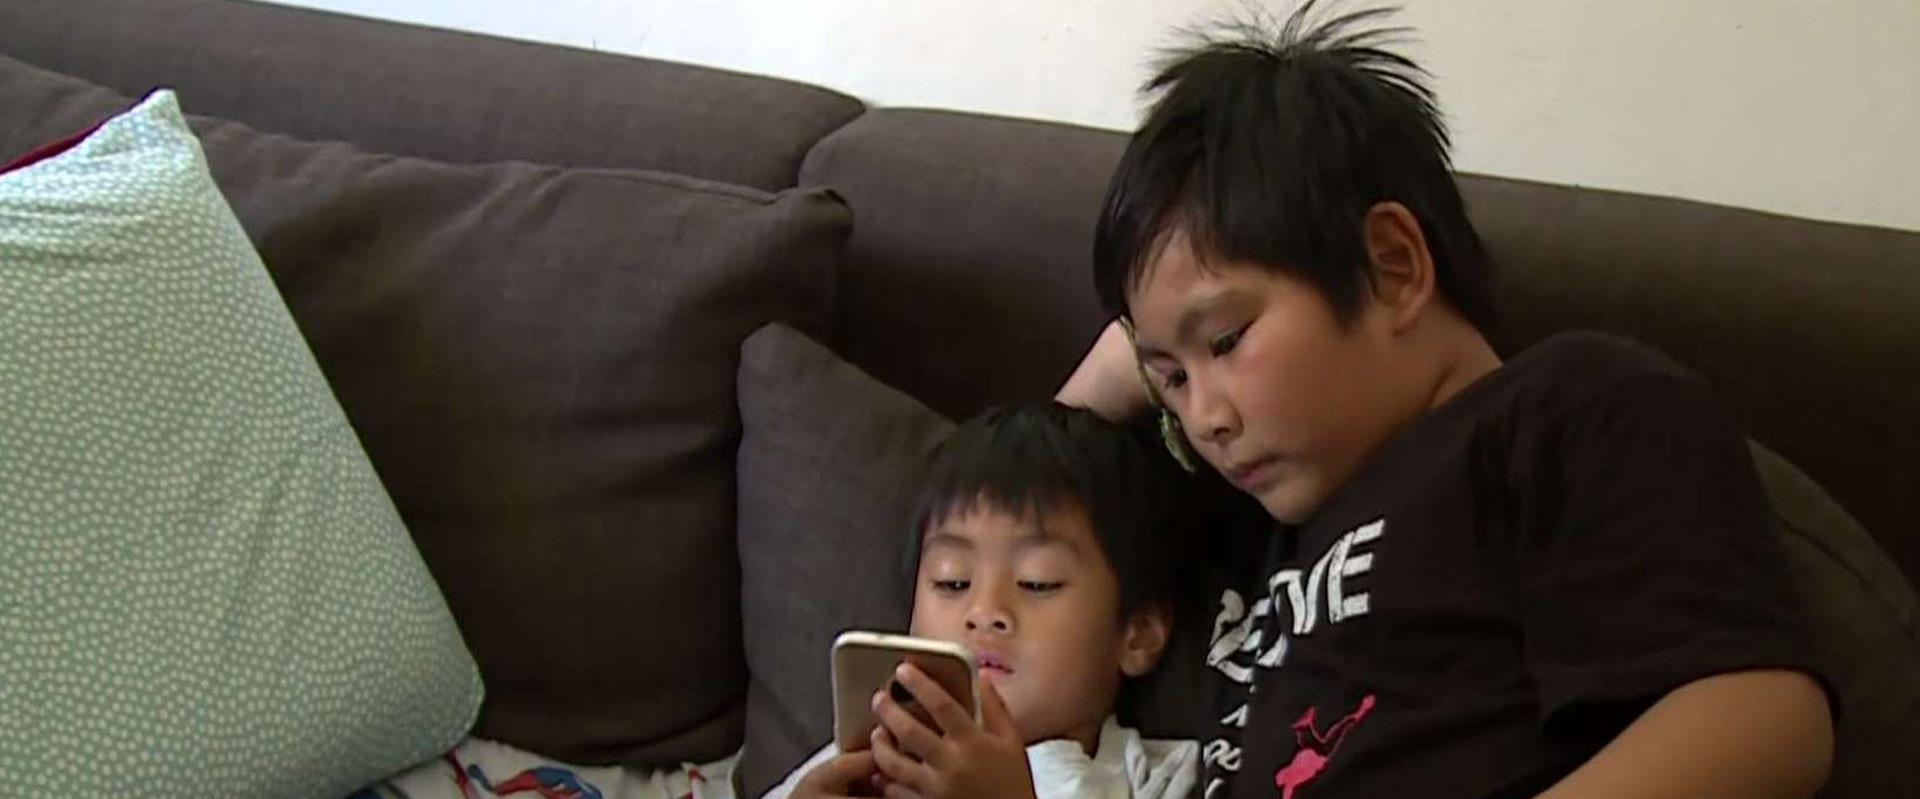 """""""אנחנו כמו עכברושים שמסתתרים"""": המשפחה הפיליפינית ש"""